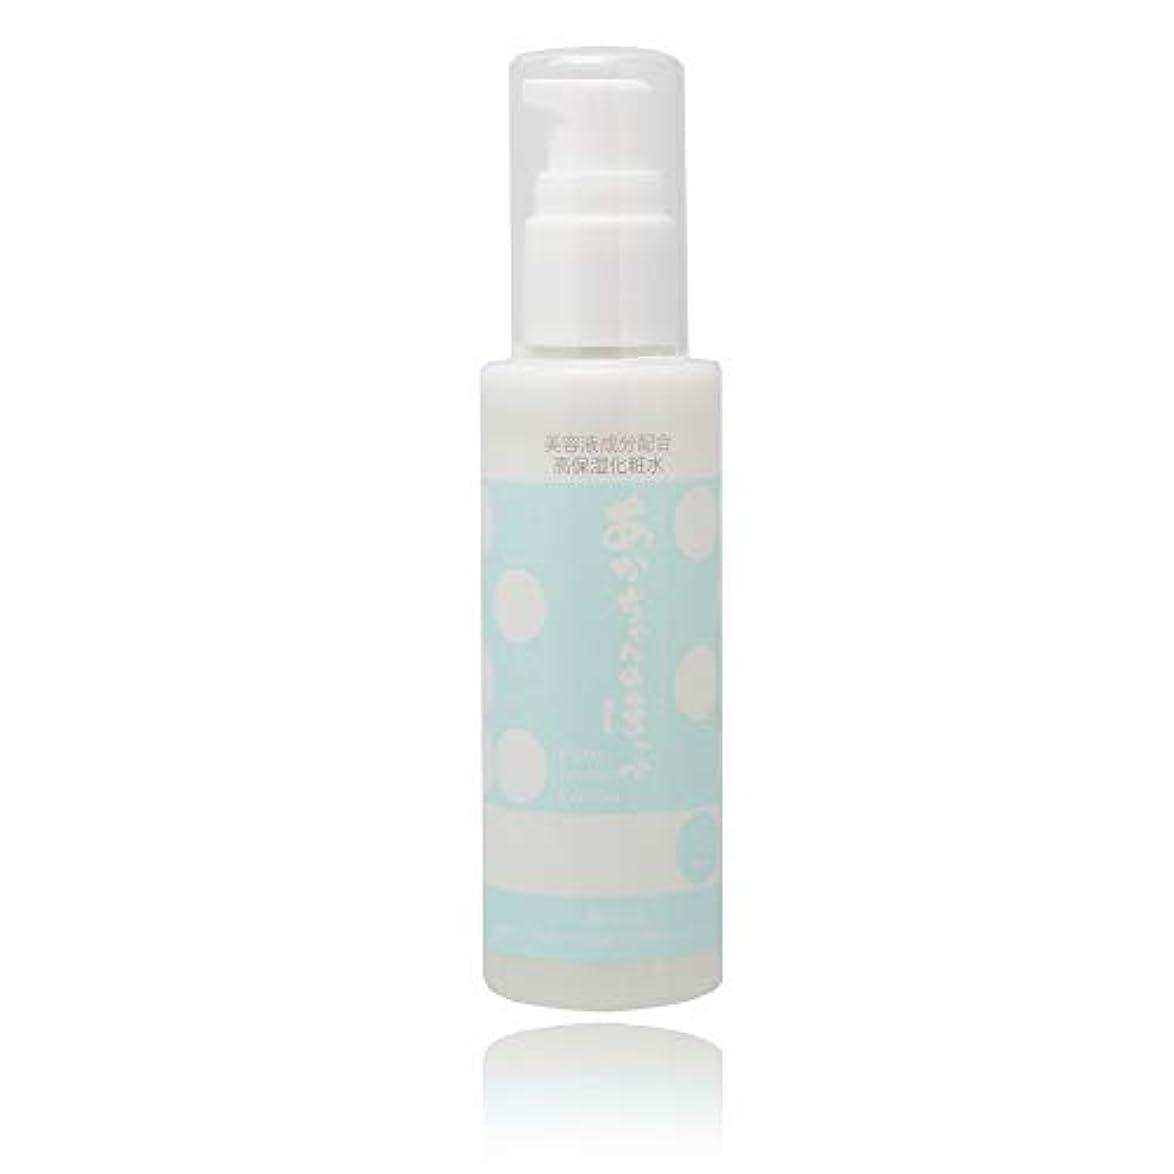 届けるリゾート普通に美容液からつくった高保湿栄養化粧水 「あかちゃんのほっぺ」 PureMoist 80ml 明日のお肌が好きになる化粧水